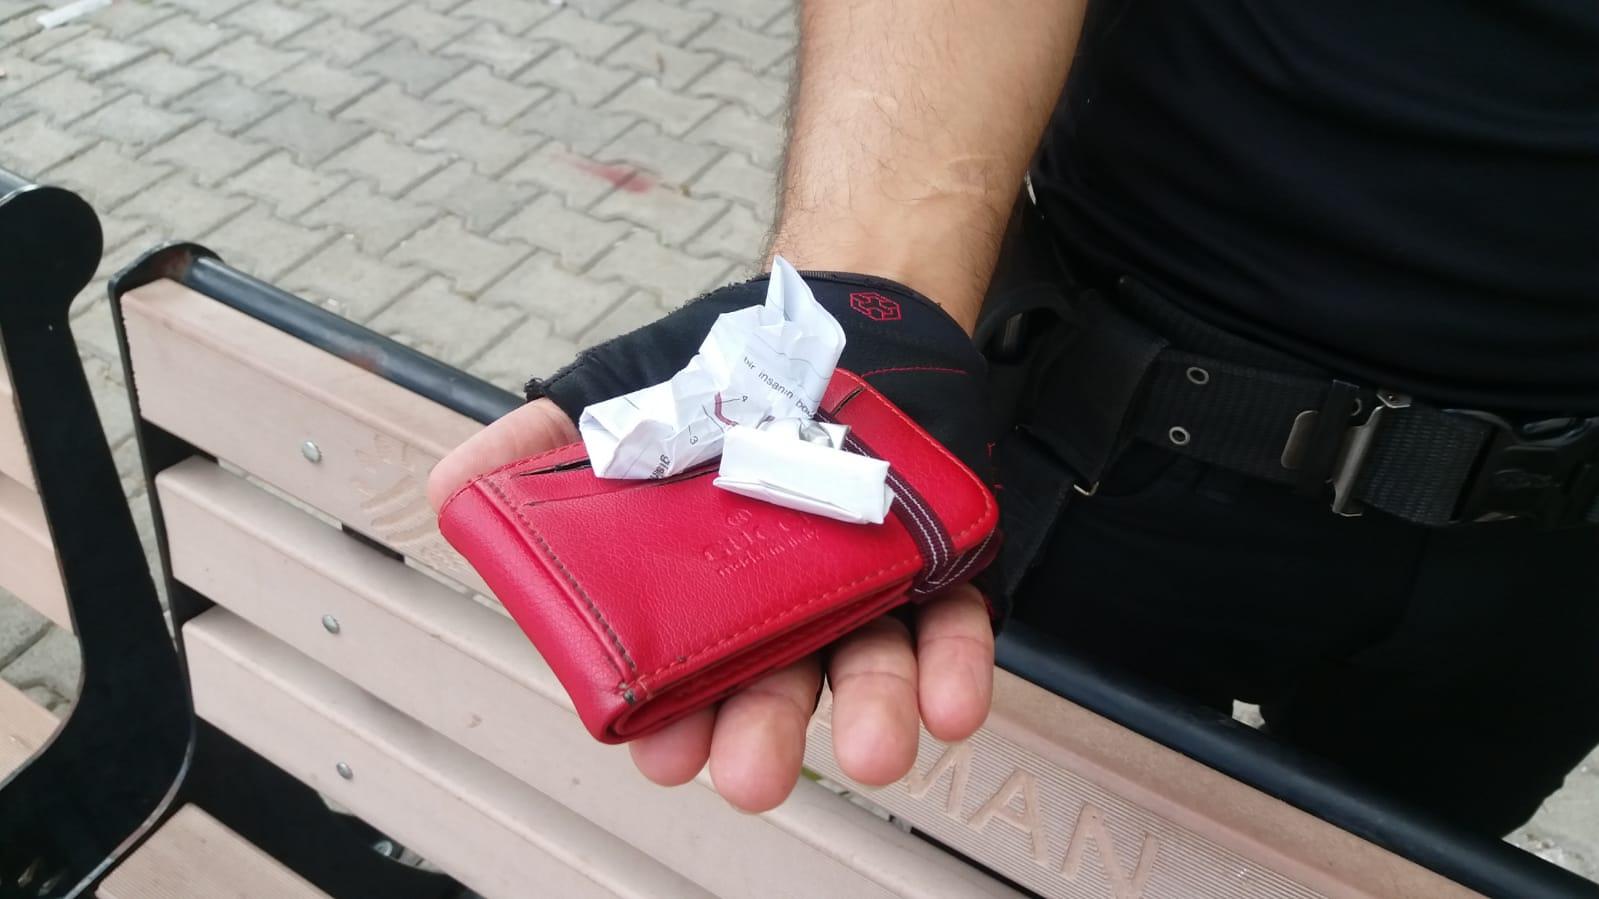 Polis Ekipleri Uyuşturucuya Geçit Vermiyor